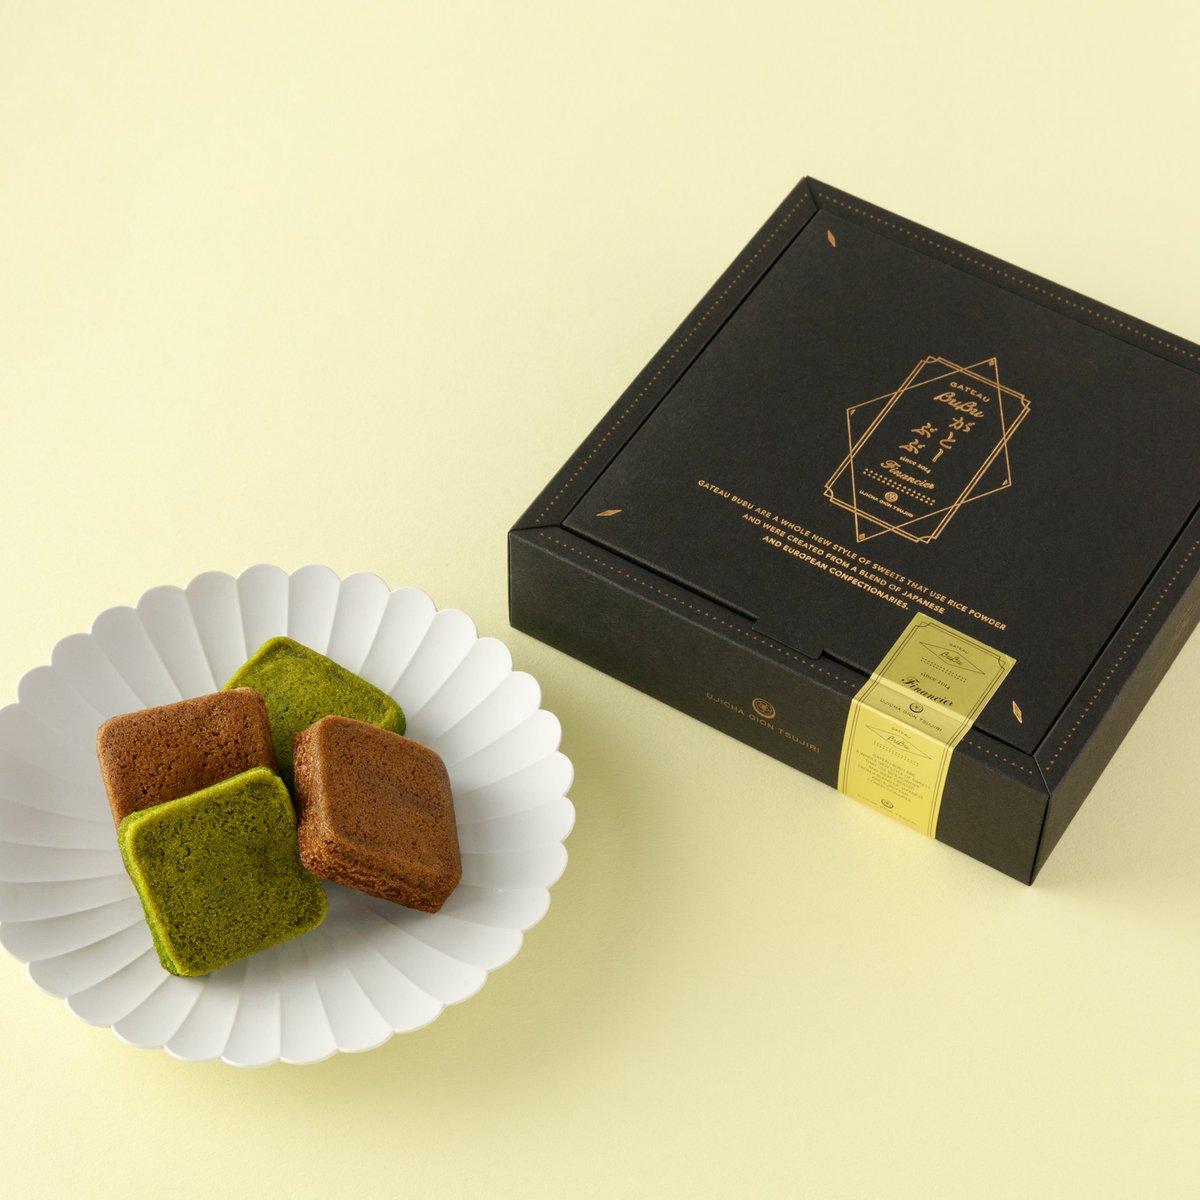 test ツイッターメディア - 京都の宇治茶専門店「祇園辻利」が作る上質な抹茶スイーツ「がとーぶぶ 抹茶・ほうじ茶フィナンシェ」をご紹介。小麦粉を使用せず米粉で焼き上げているため、今までにないもちもち食感と、濃厚なお茶の味わいが口の中に広がります。  https://t.co/2eKn3um023 https://t.co/UOJXyYgFI6